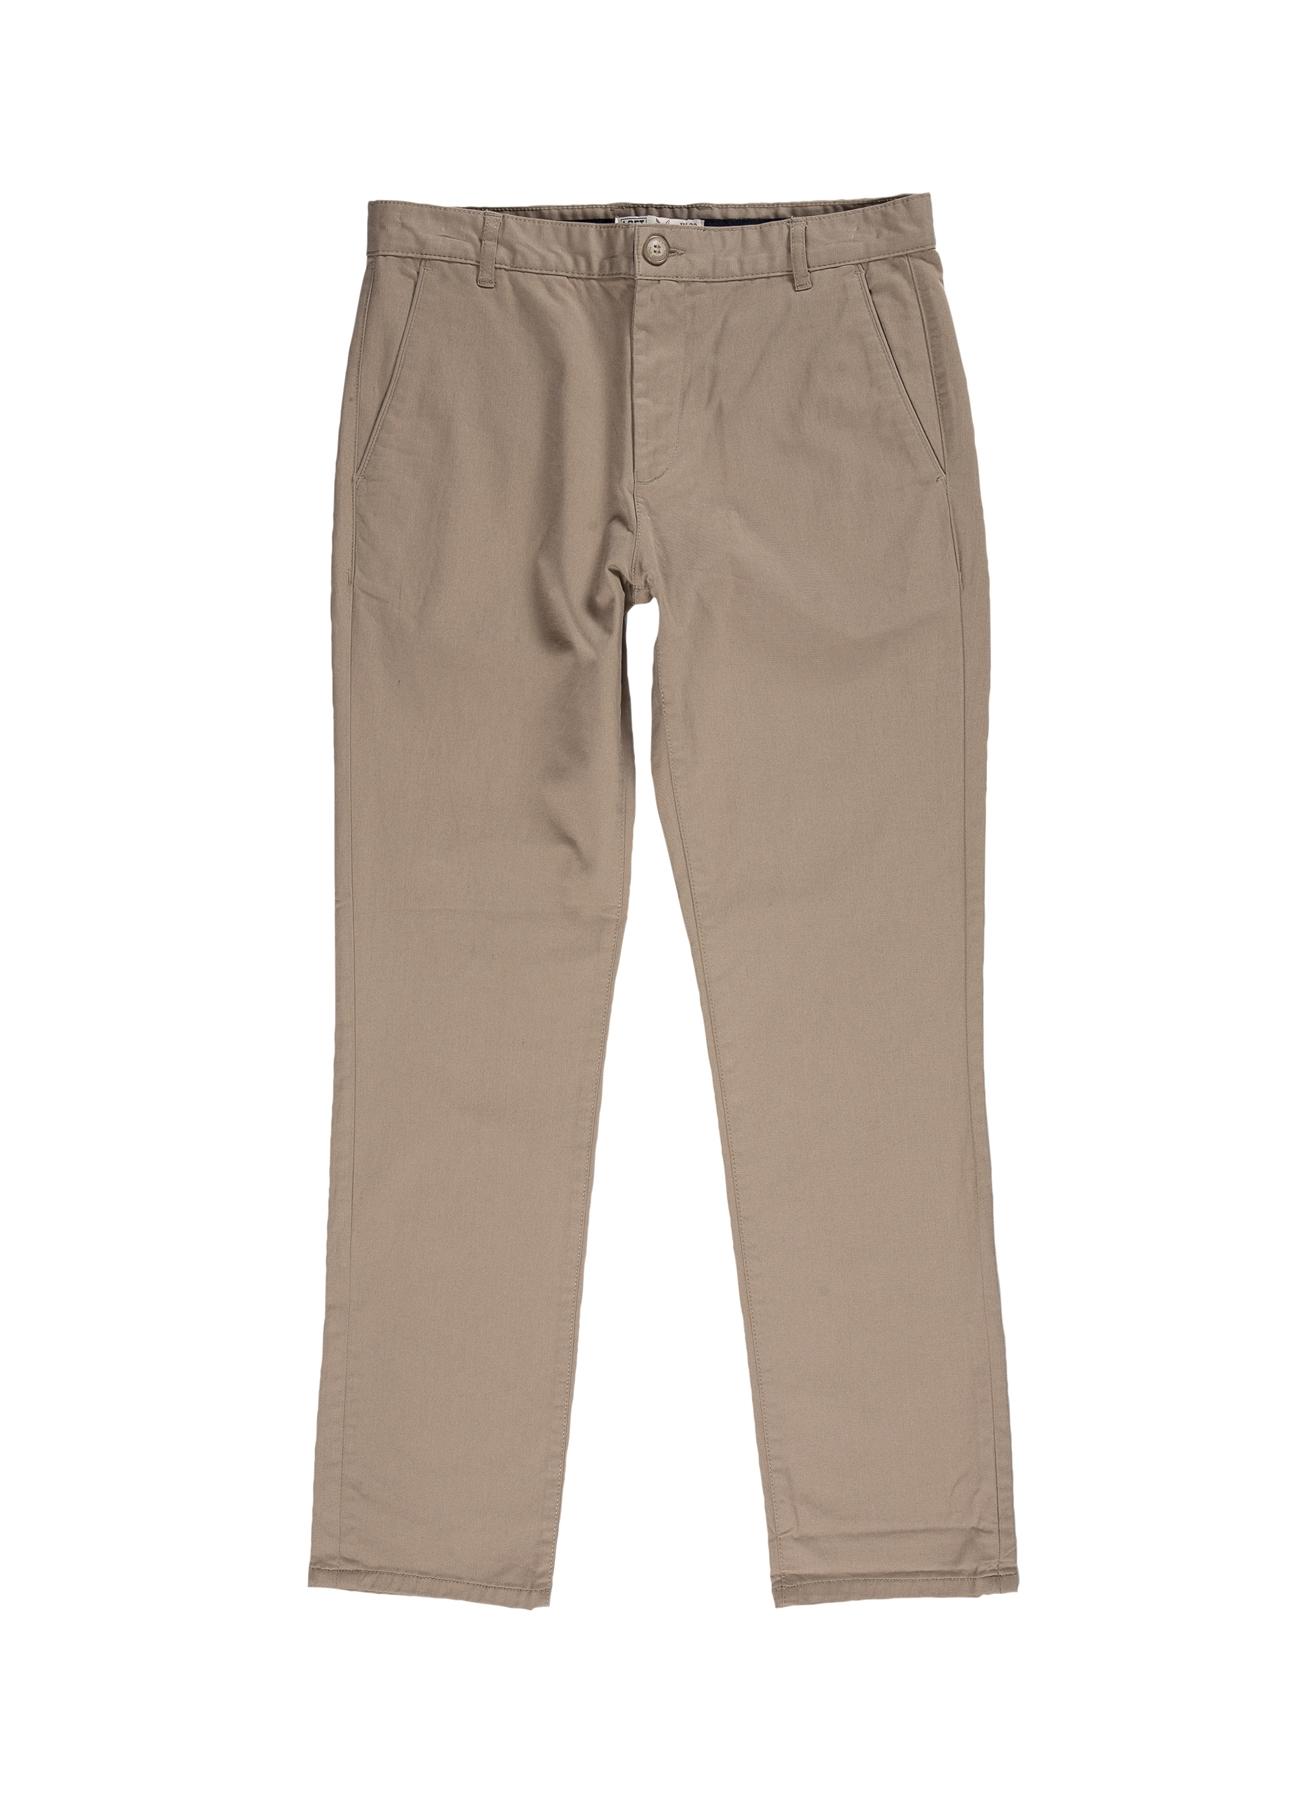 Loft Klasik Pantolon 33-34 5000201921011 Ürün Resmi